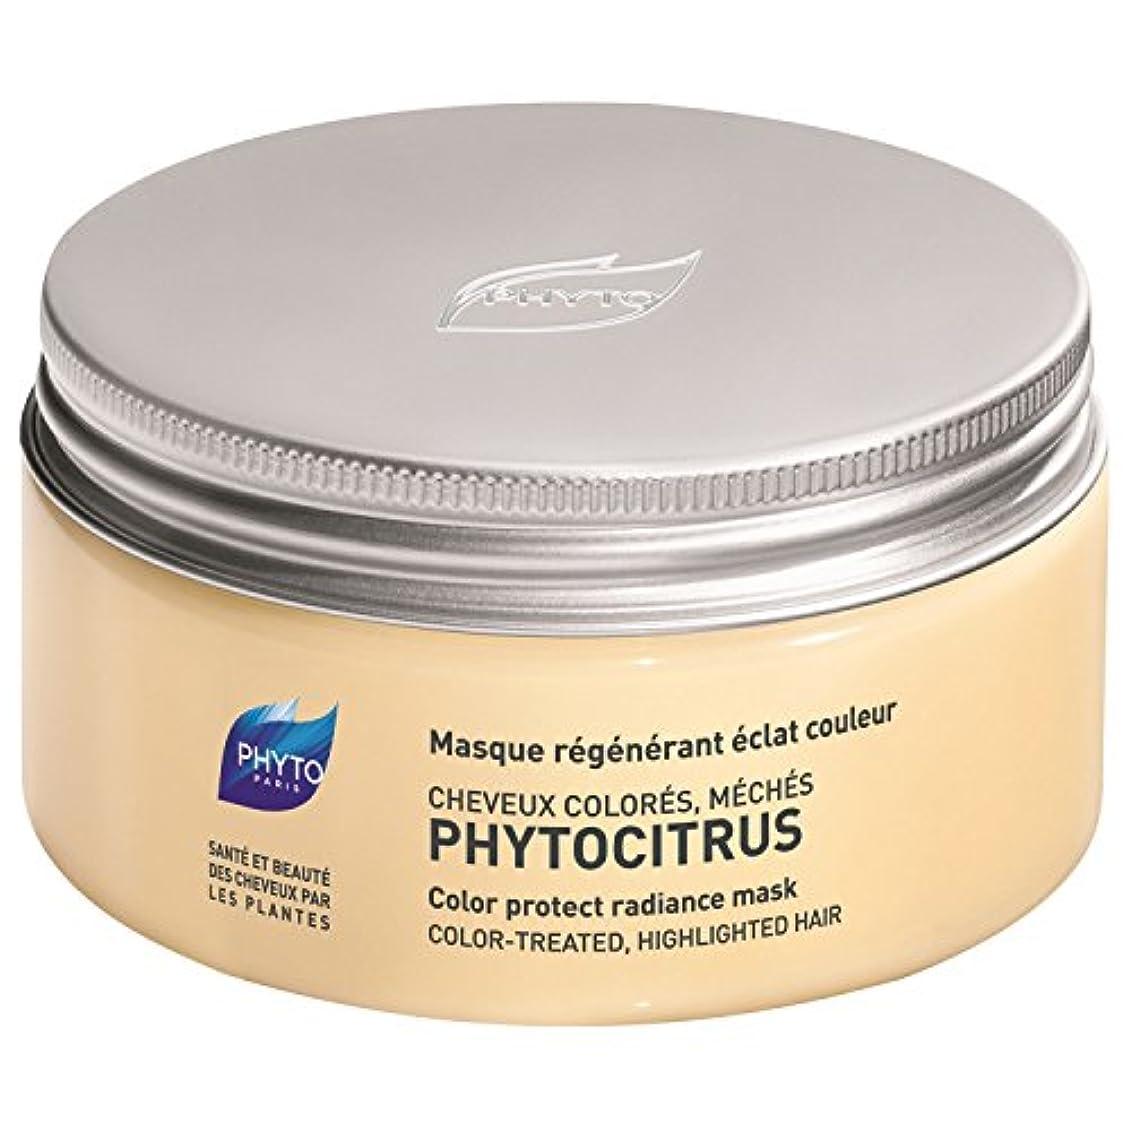 本を読むパッチ麺フィトPhytocitrus色保護放射輝度マスク200ミリリットル (Phyto) - Phyto Phytocitrus Colour Protect Radiance Mask 200ml [並行輸入品]